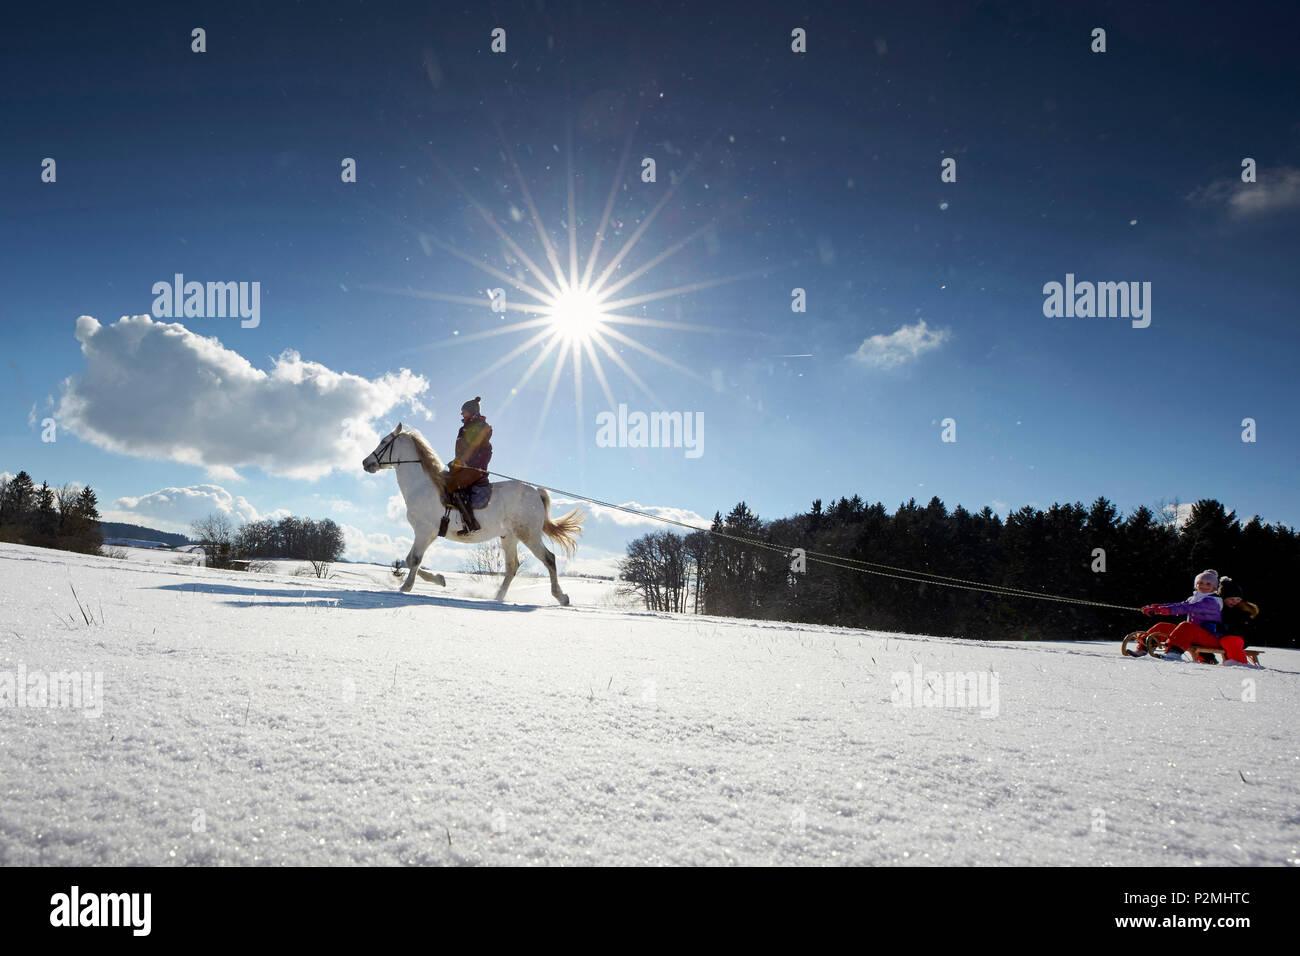 Madre a caballo tirando de los niños sobre un trineo, Muensing Buchensee, Baviera, Alemania Imagen De Stock